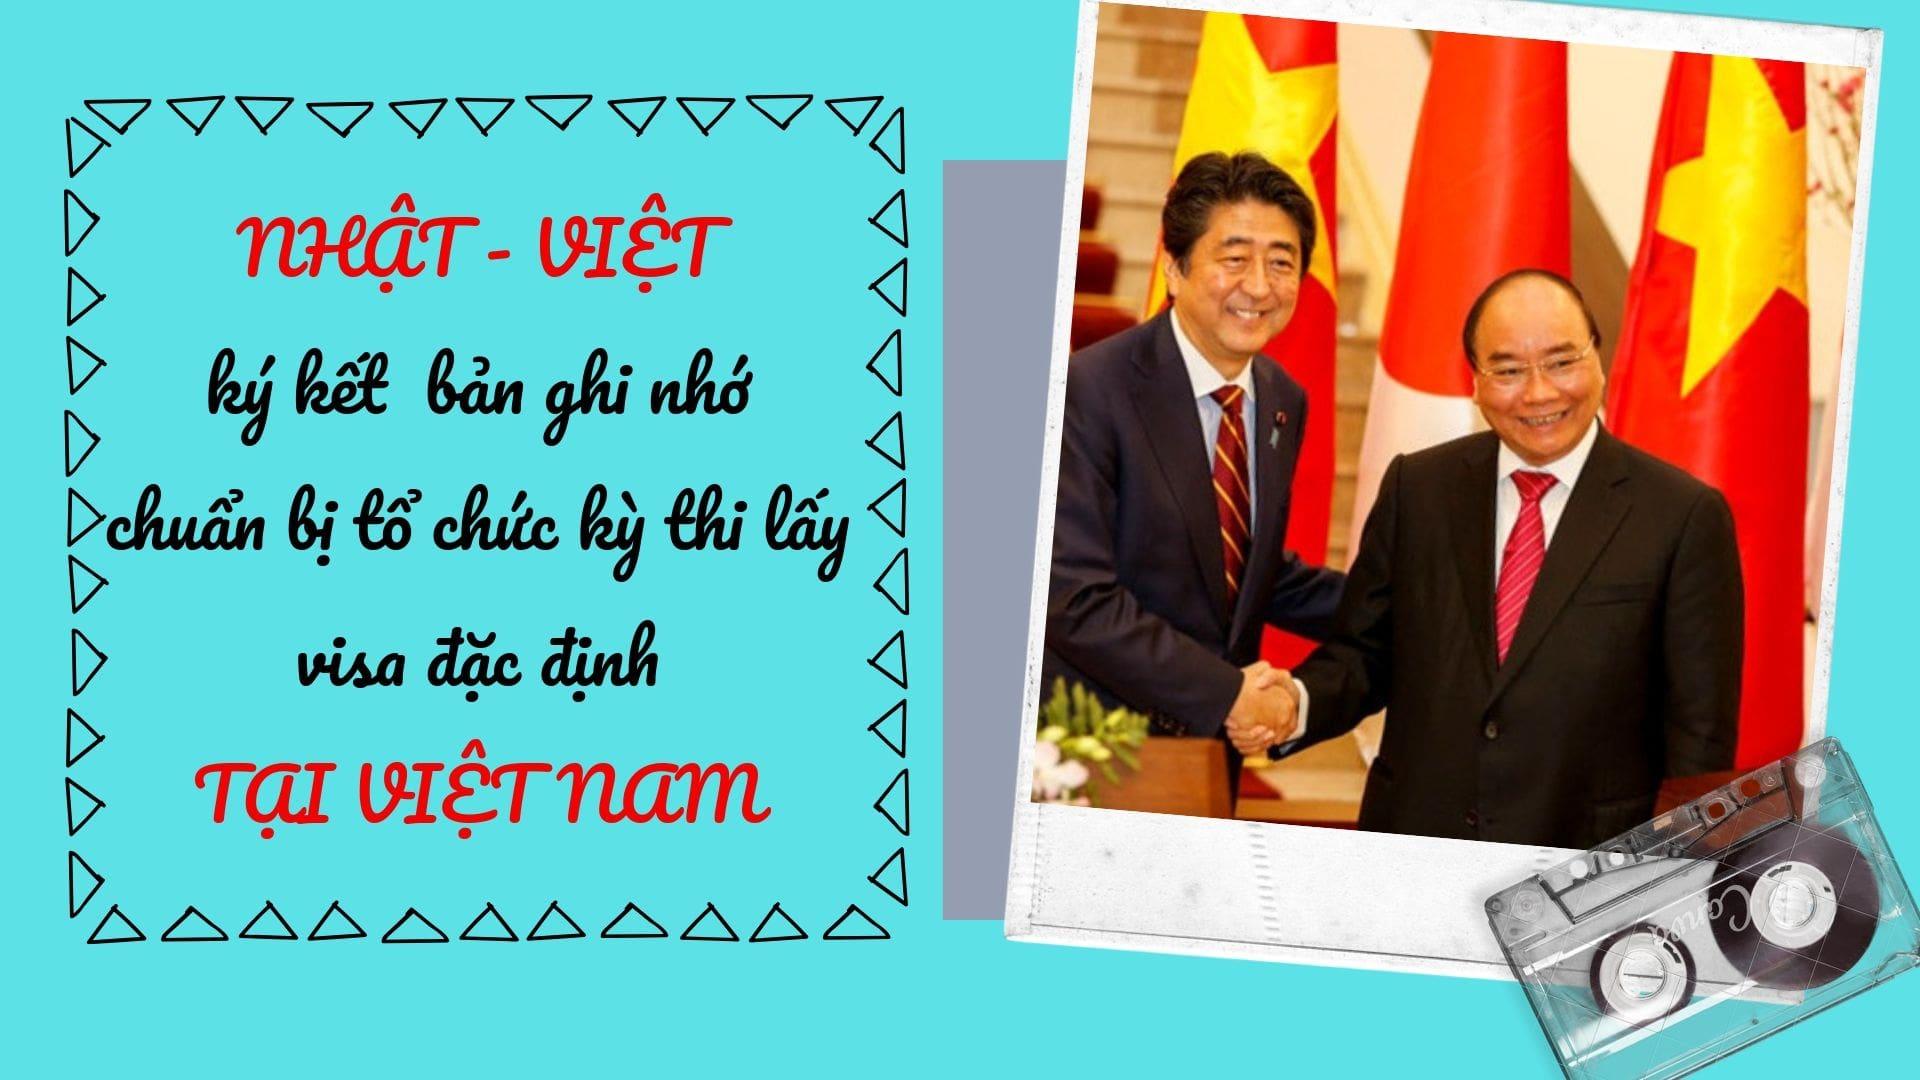 Nhật Bản - Việt Nam ký kết bản gi nhớ về visa mới, sắp mở kỳ thi tại Việt Nam